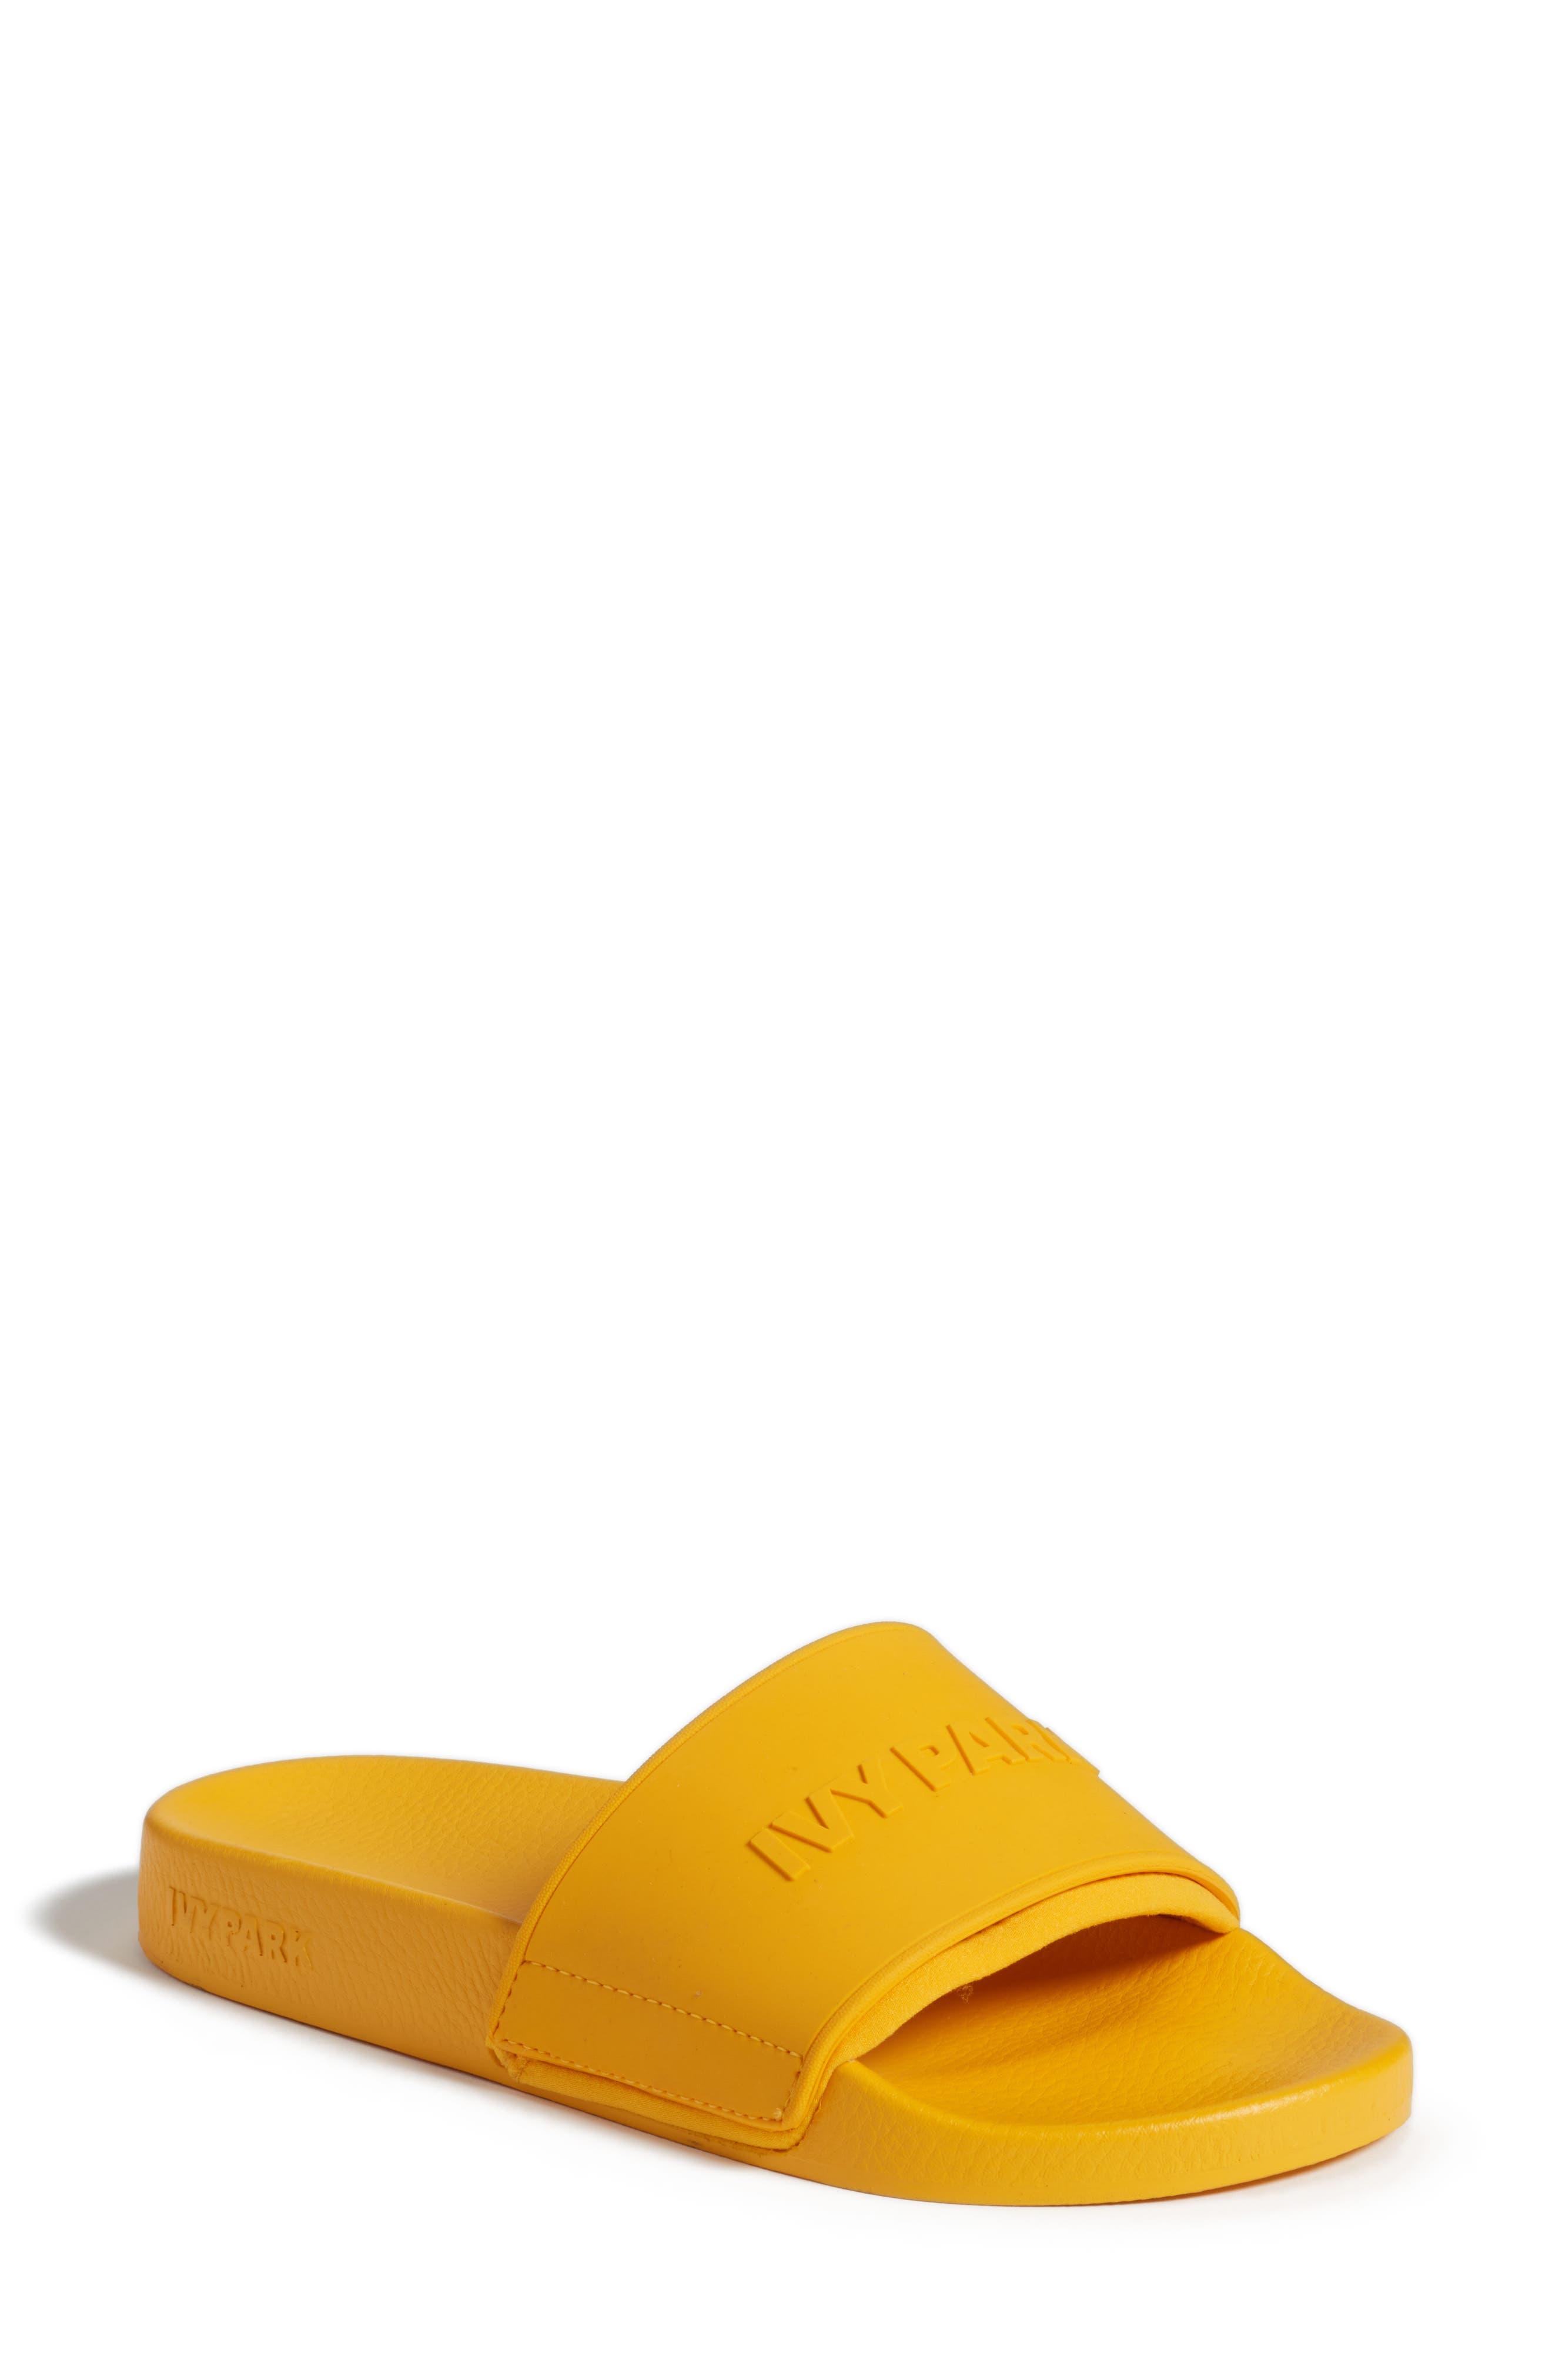 IVY PARK® Embossed Neoprene Lined Slide Sandal (Women)